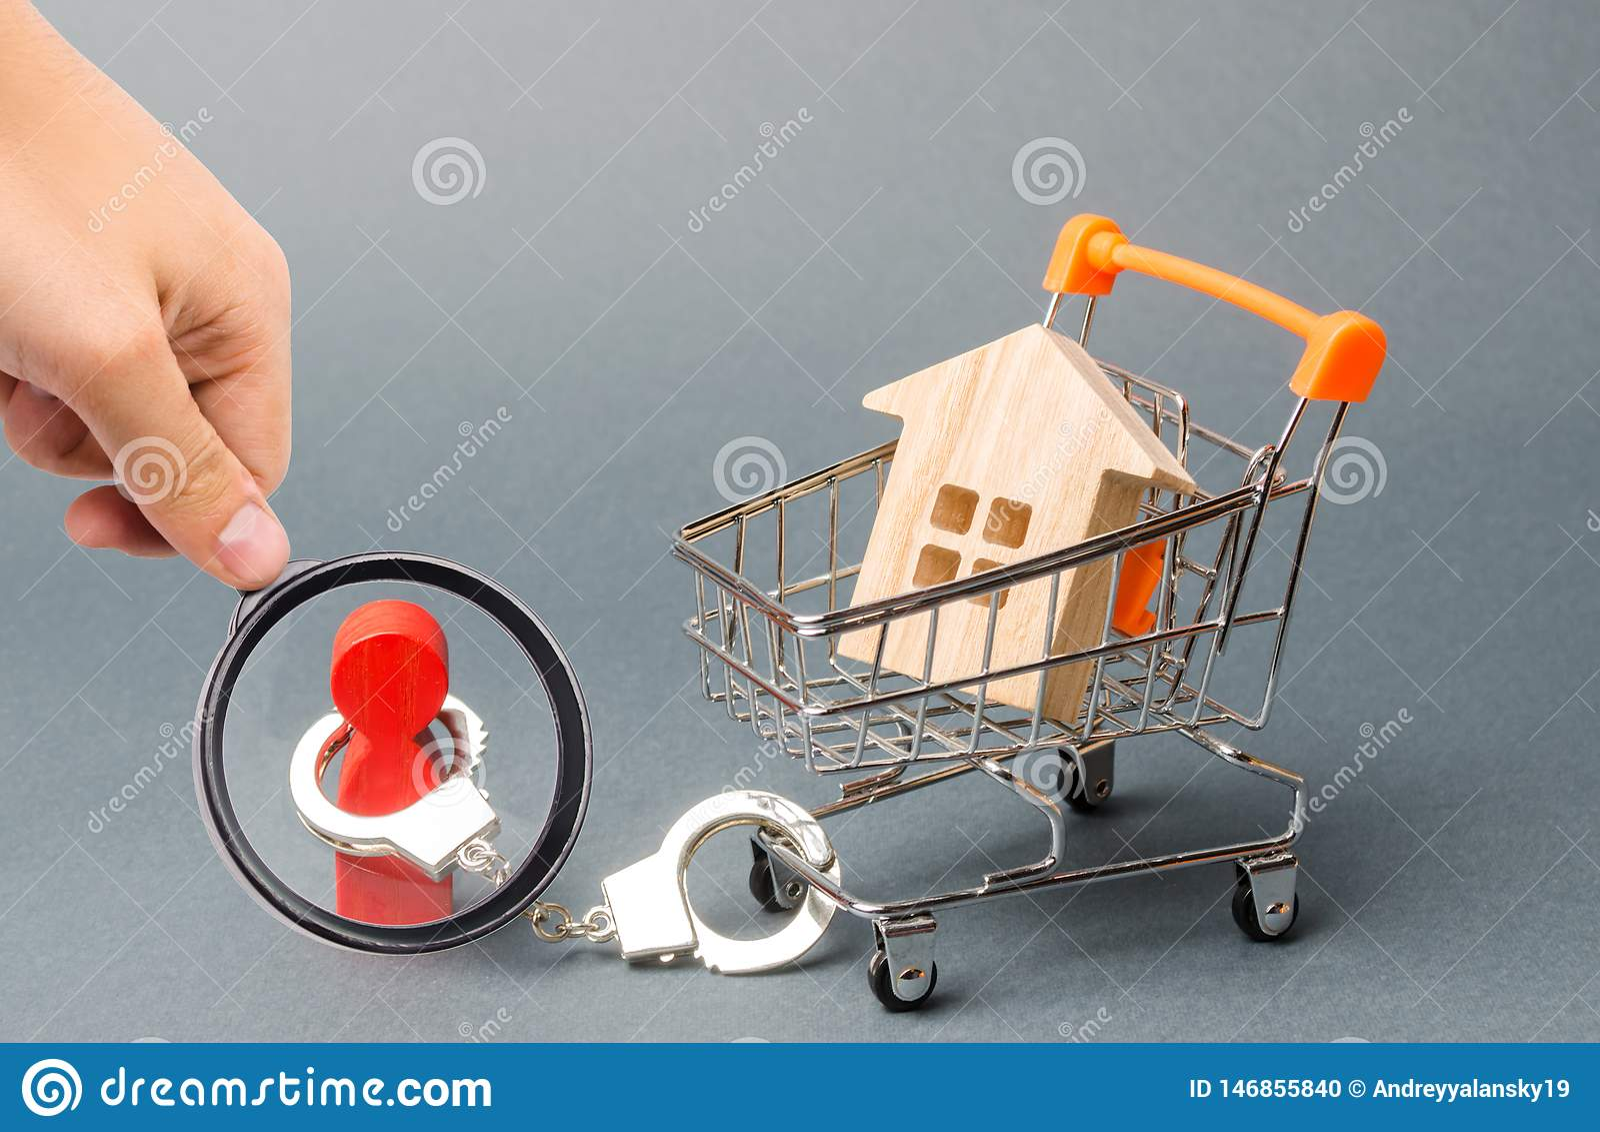 Powiększać - szkło jest przyglądający osoba zakłada kajdanki dom na supermarket furze Pieniężna zależność, niedostępny budynek mi